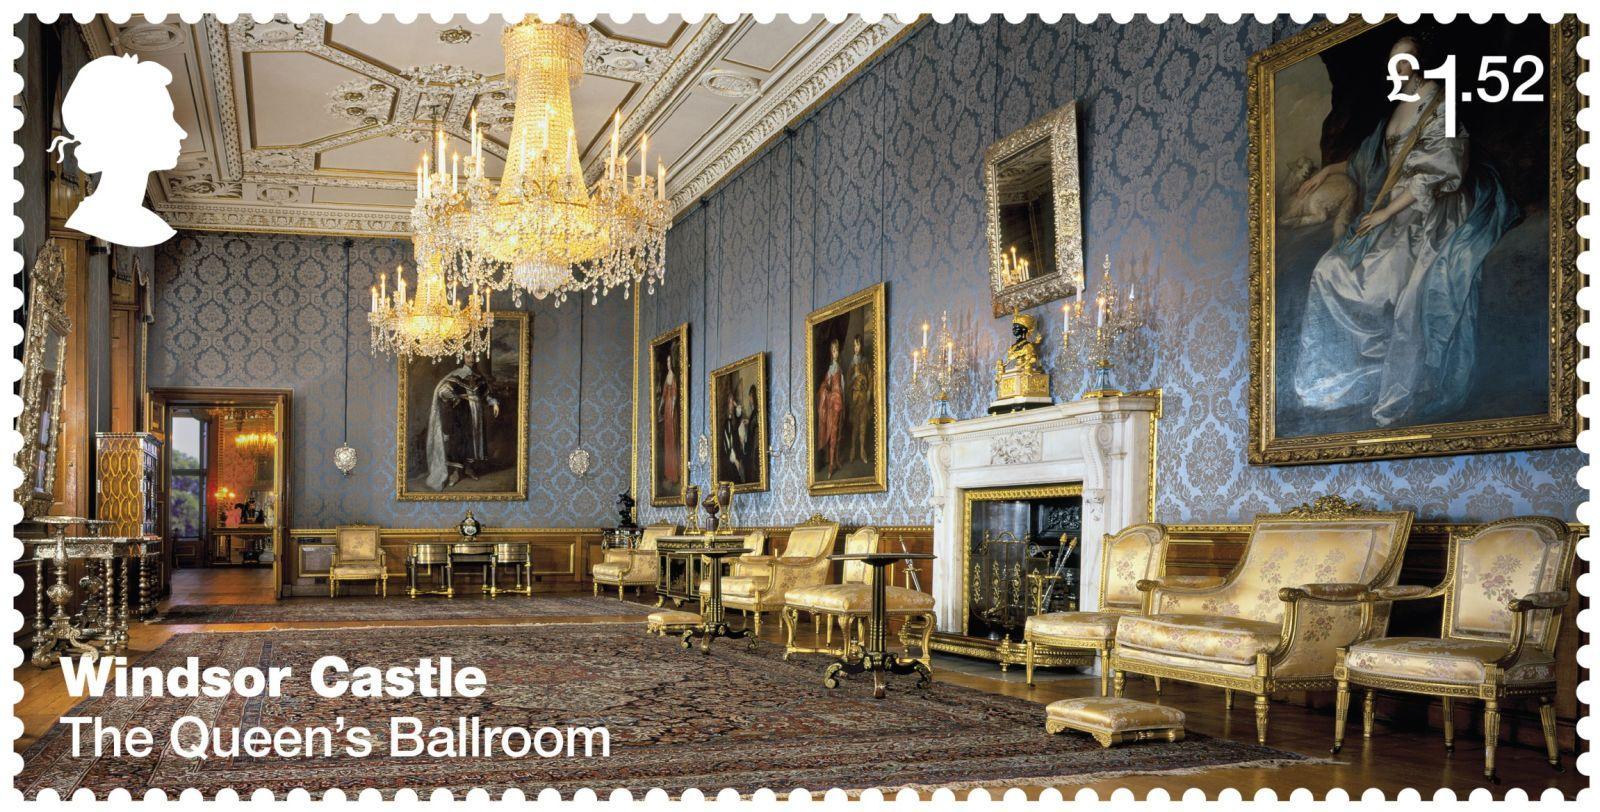 Windsor_Castle_on_Royal_Mail_stamps08